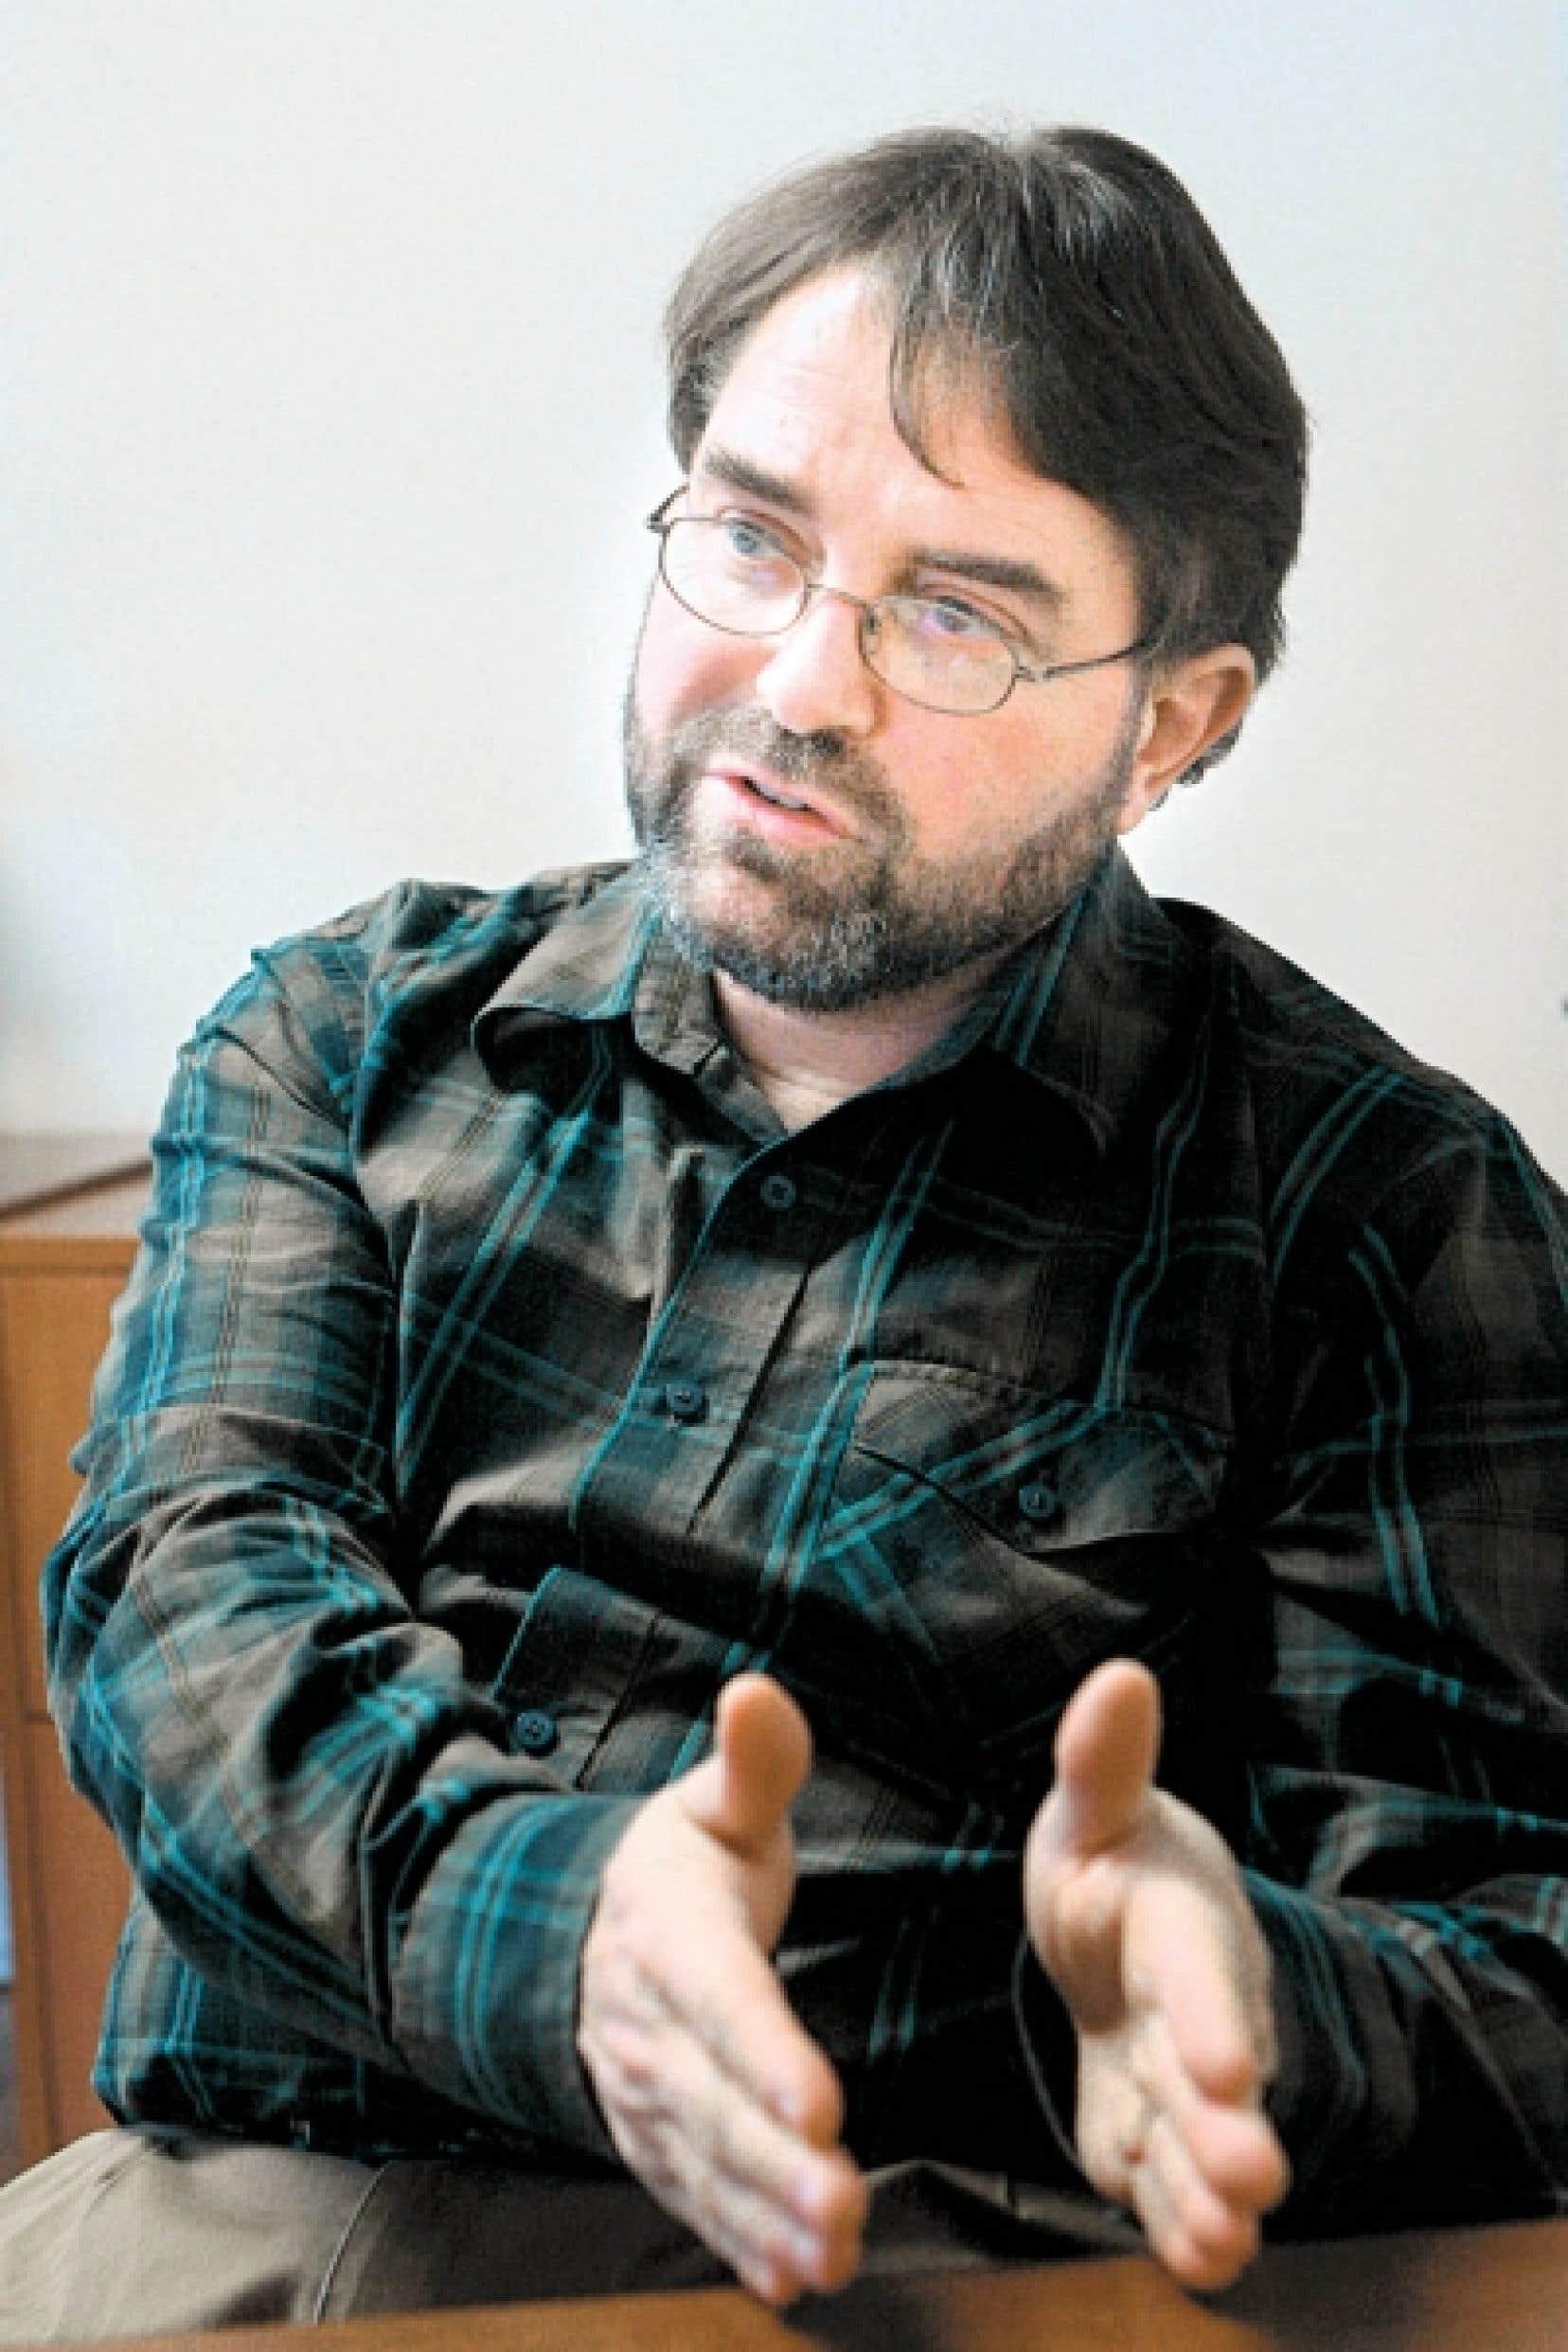 Nigel Roulet, professeur au D&eacute;partement de g&eacute;ographie de l&rsquo;Uni-versit&eacute; McGill et sp&eacute;cialiste en biog&eacute;ochimie<br />